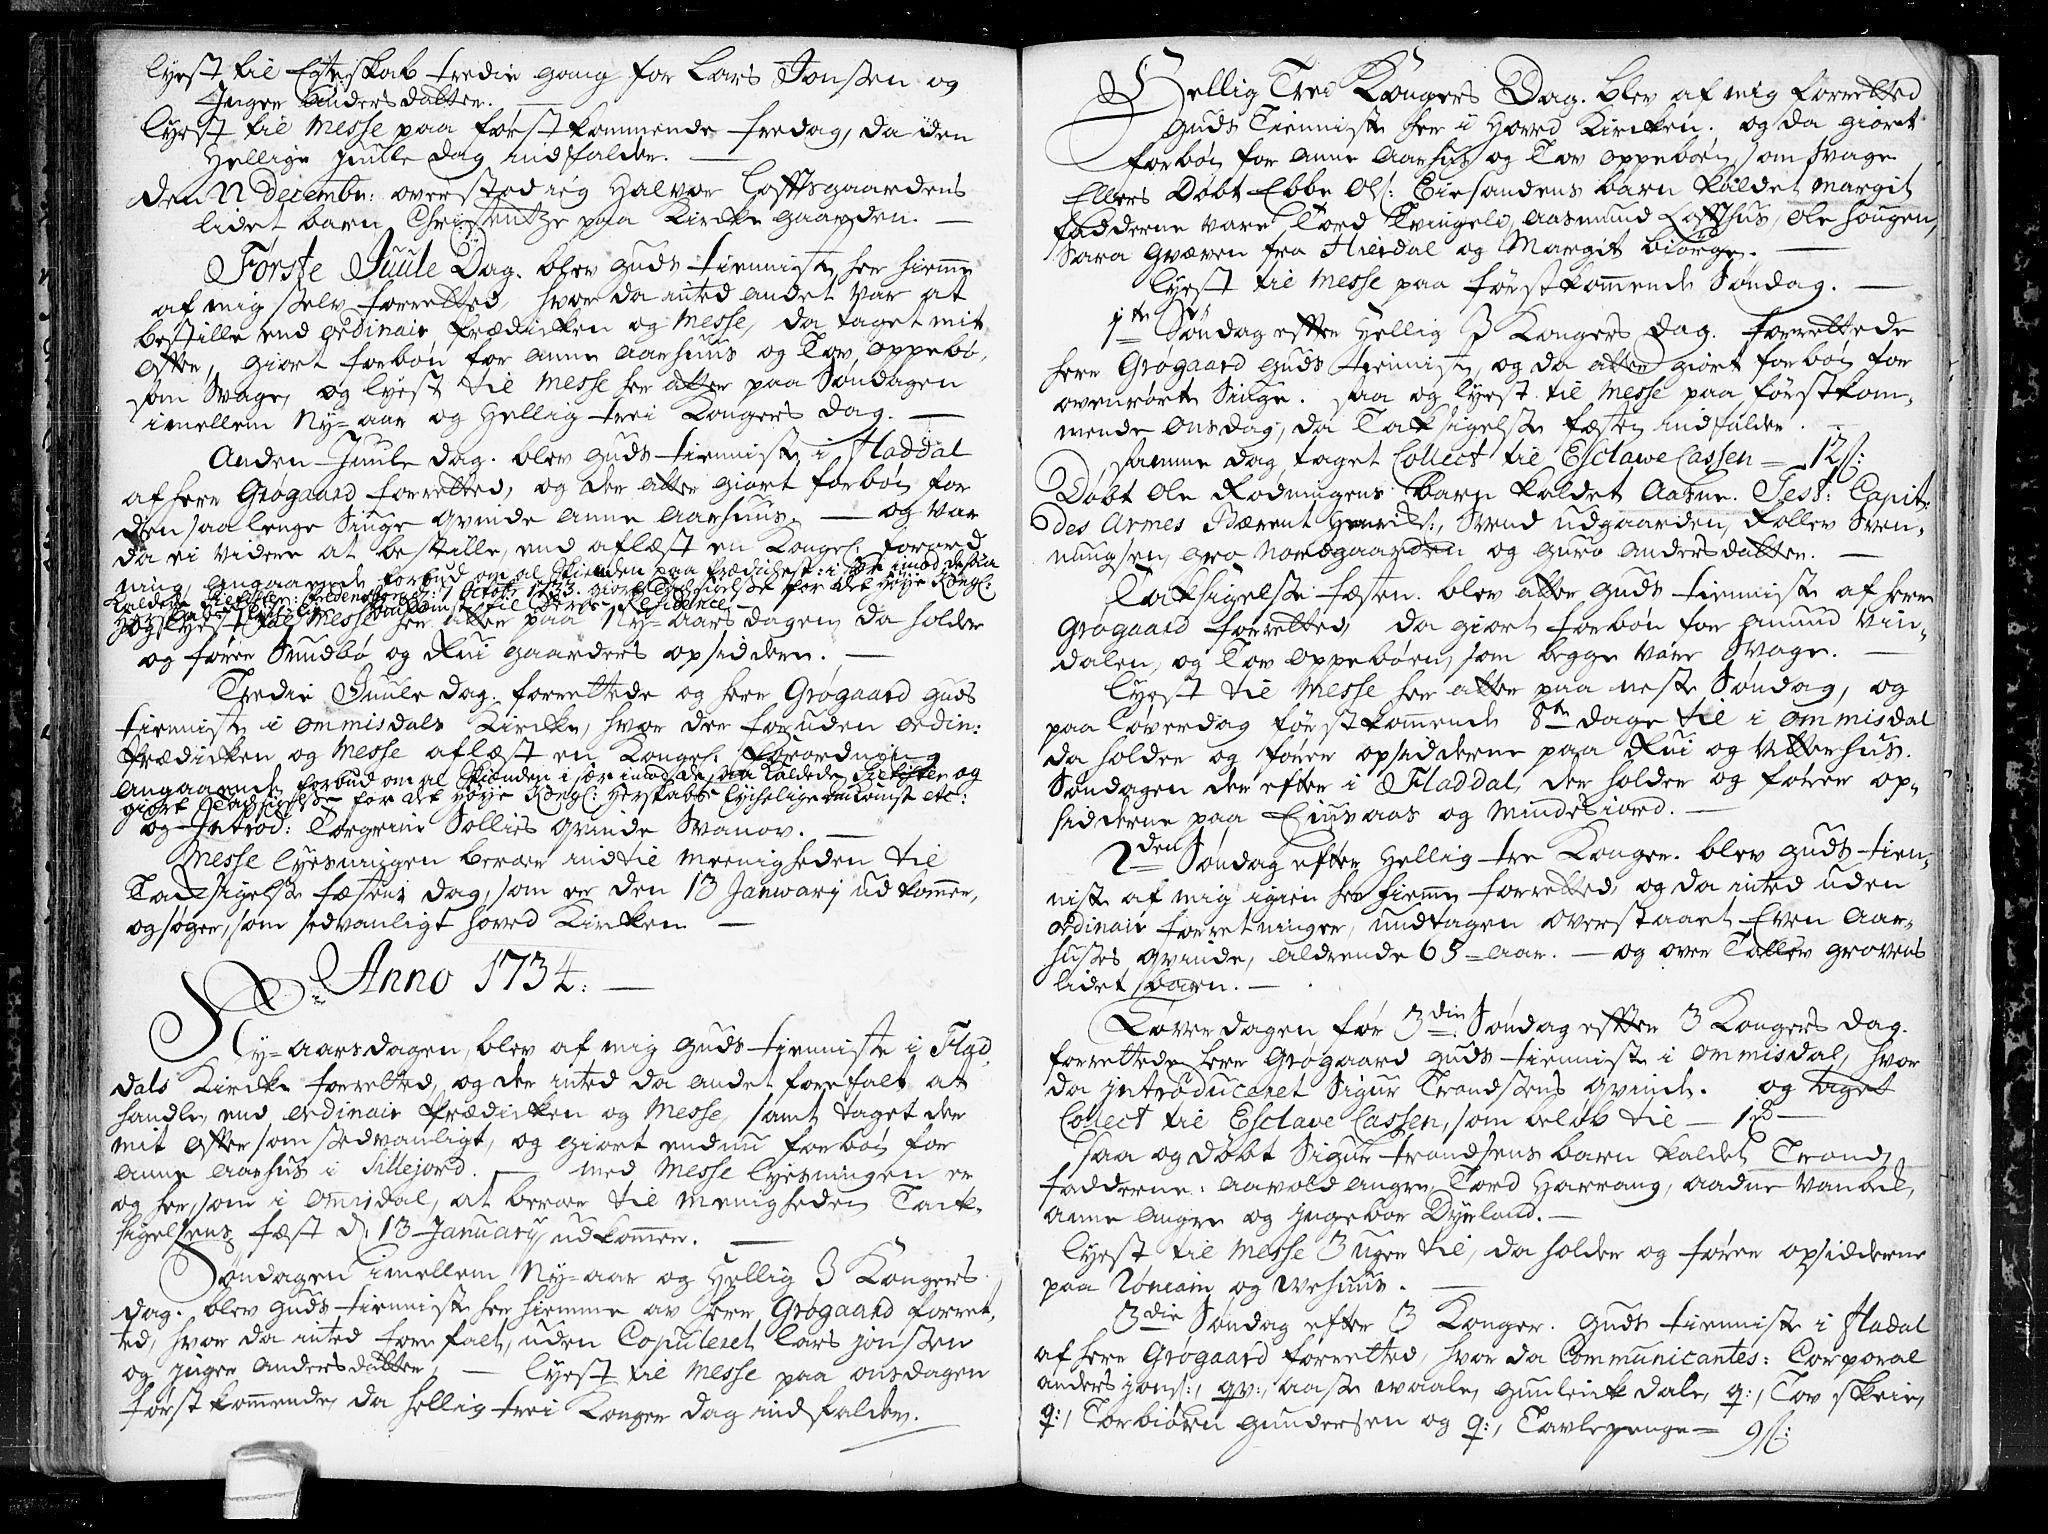 SAKO, Seljord kirkebøker, F/Fa/L0004: Ministerialbok nr. I 4, 1725-1736